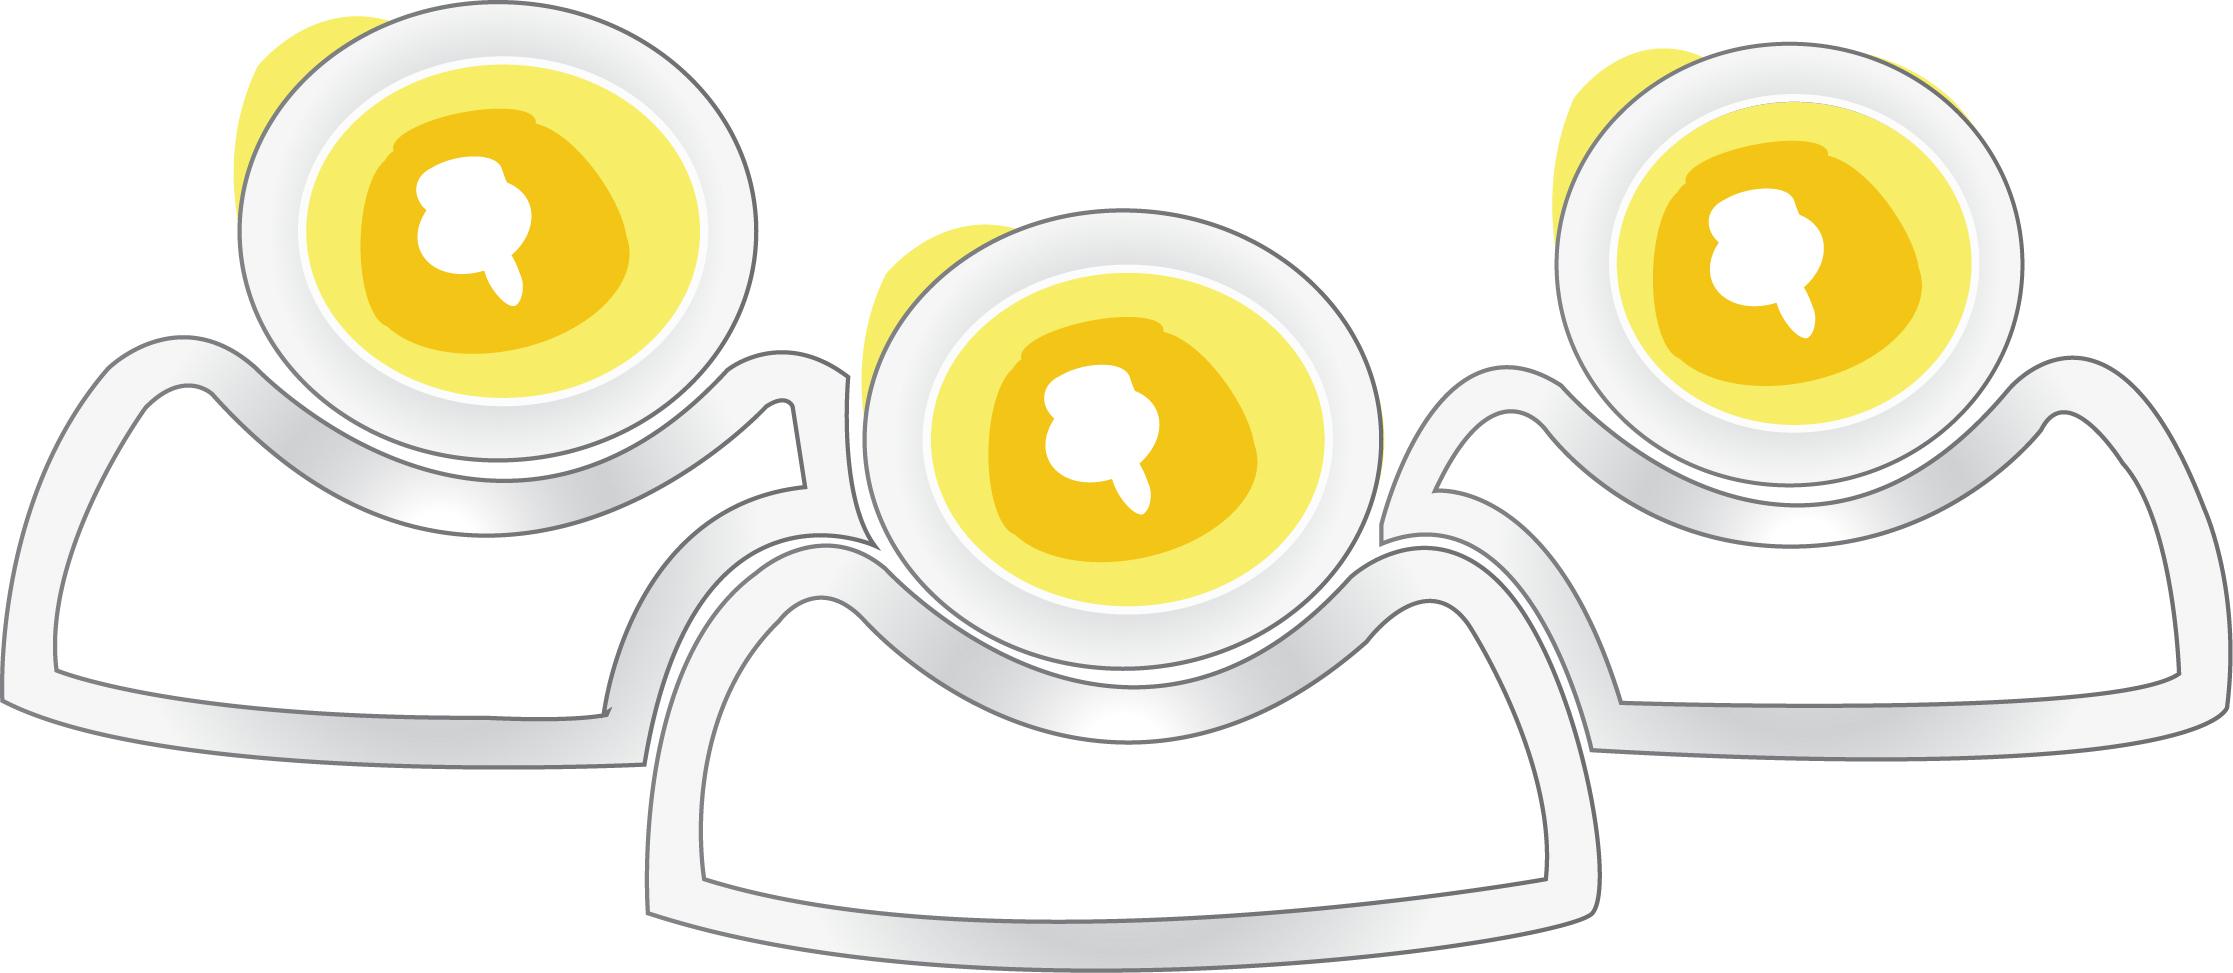 campaign-icon-3